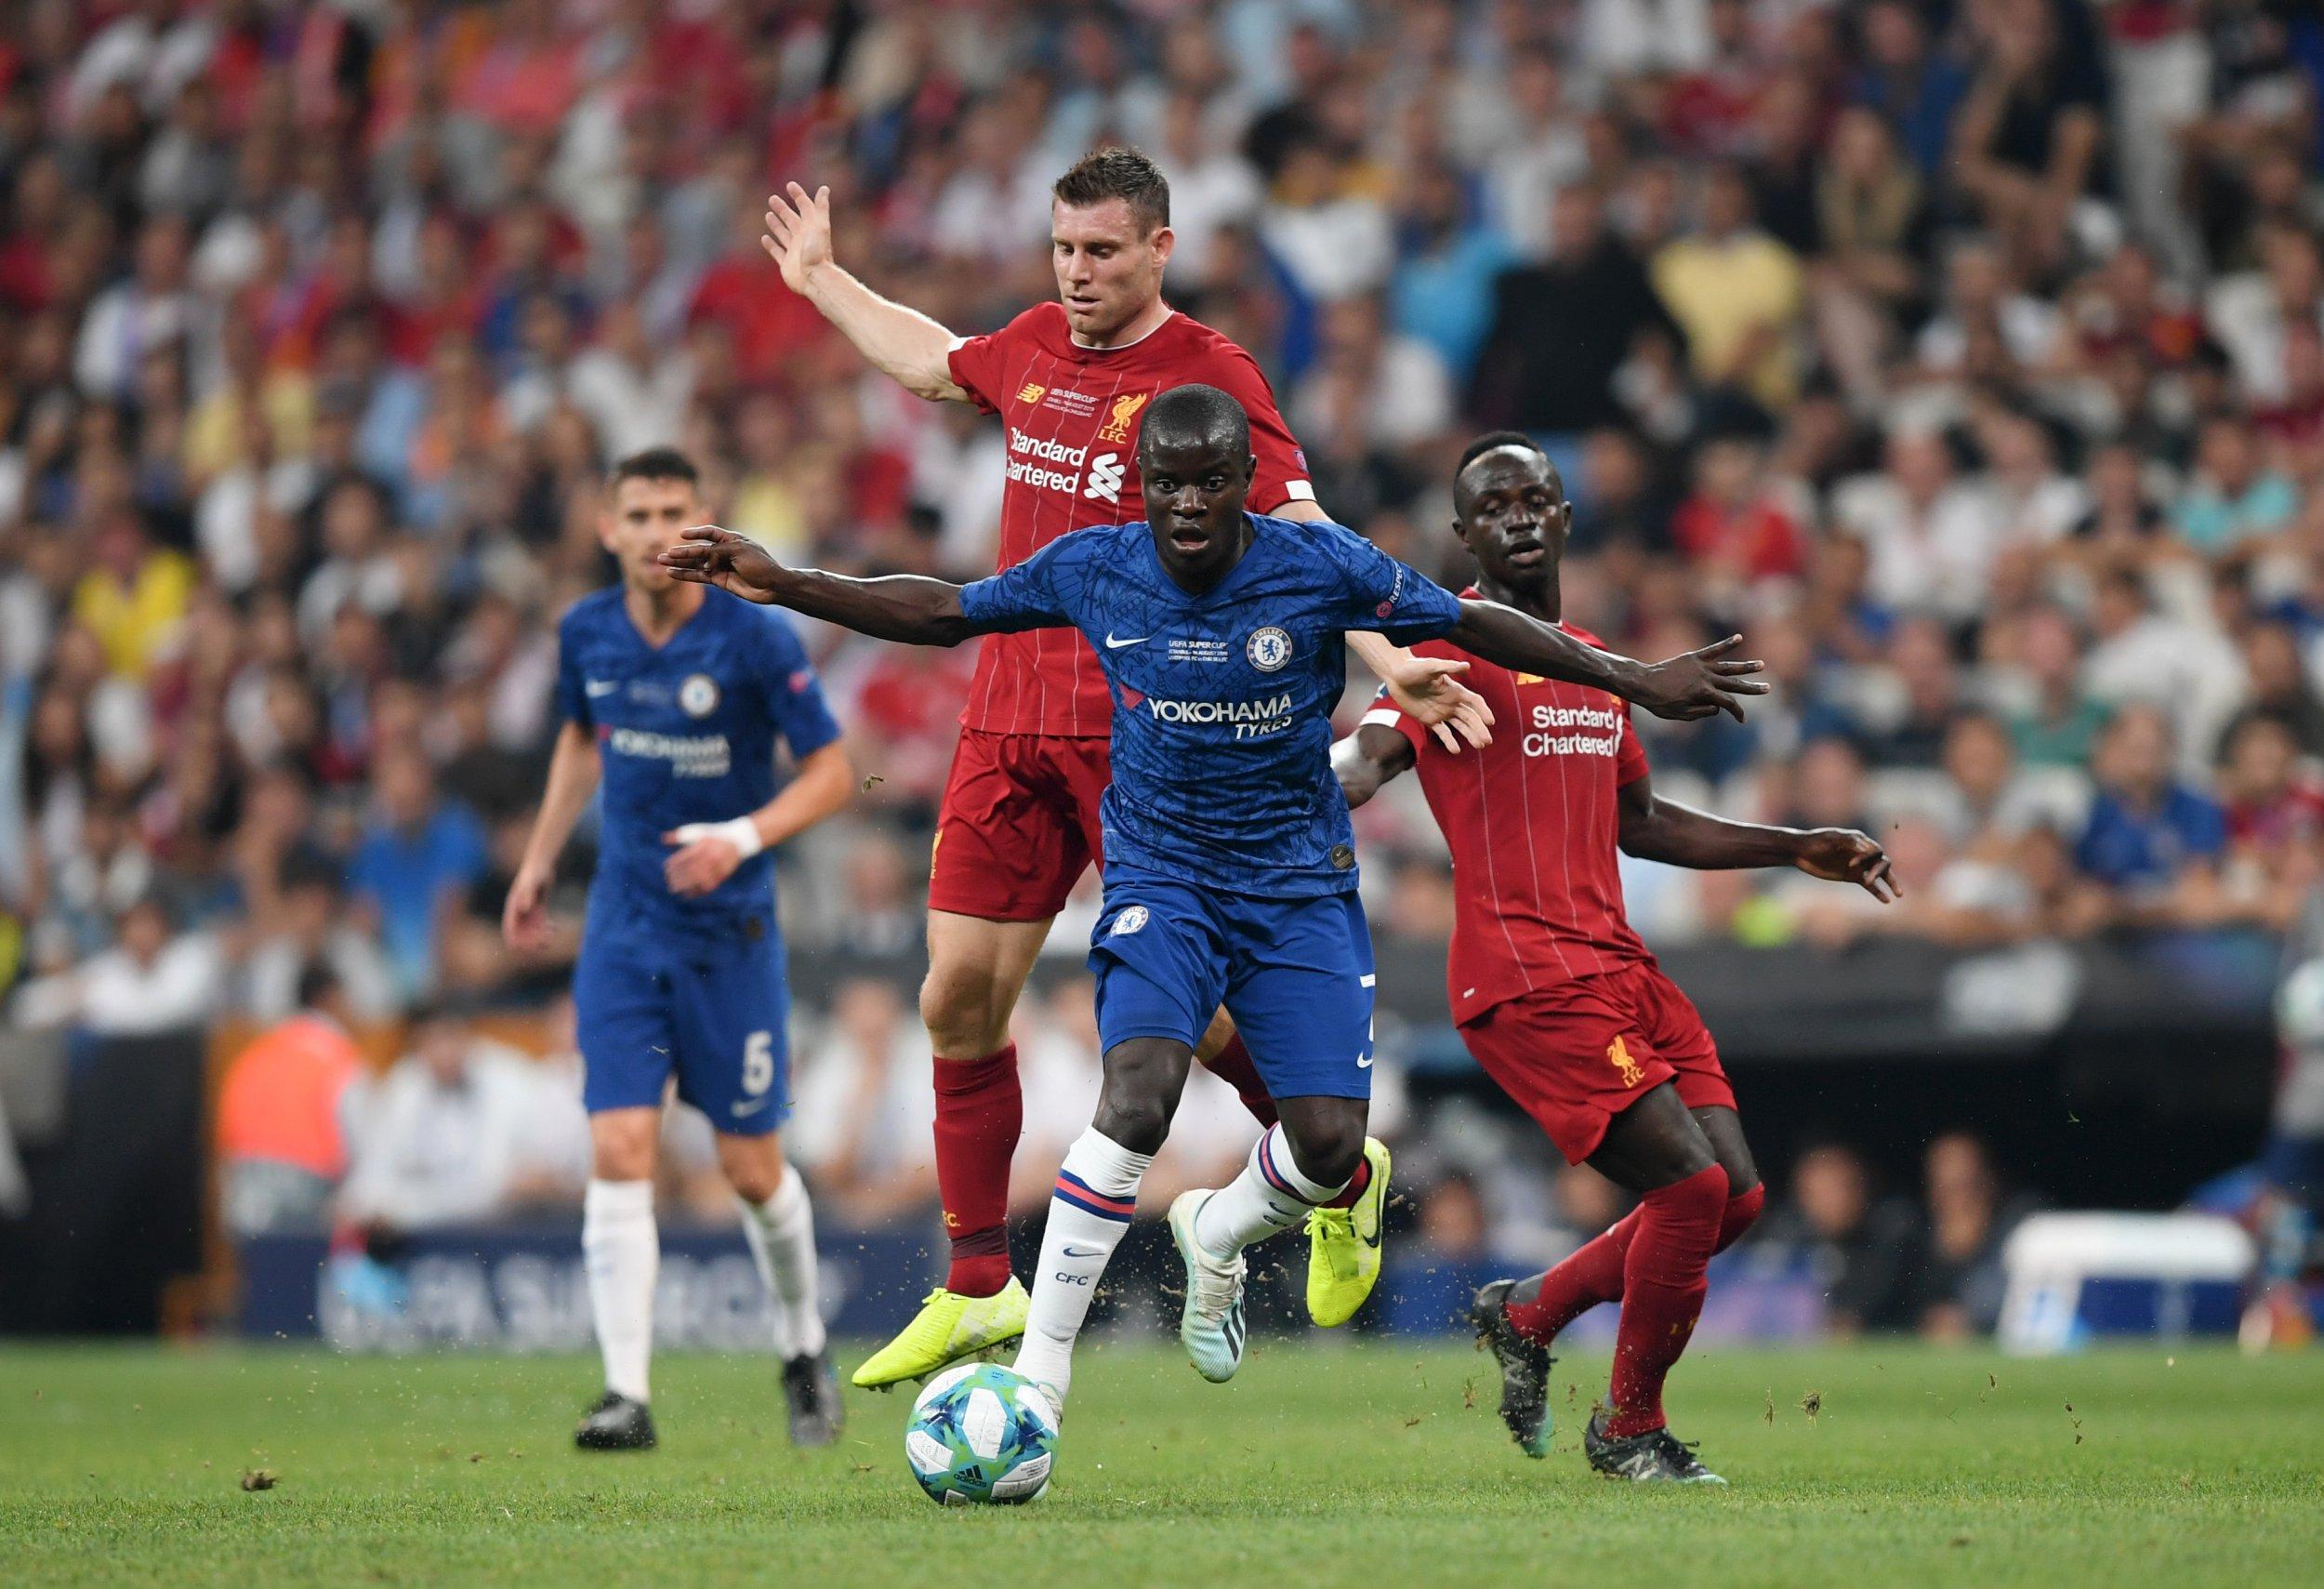 SỐC: Fan Chelsea đòi đá lại trận siêu cúp với Liverpool